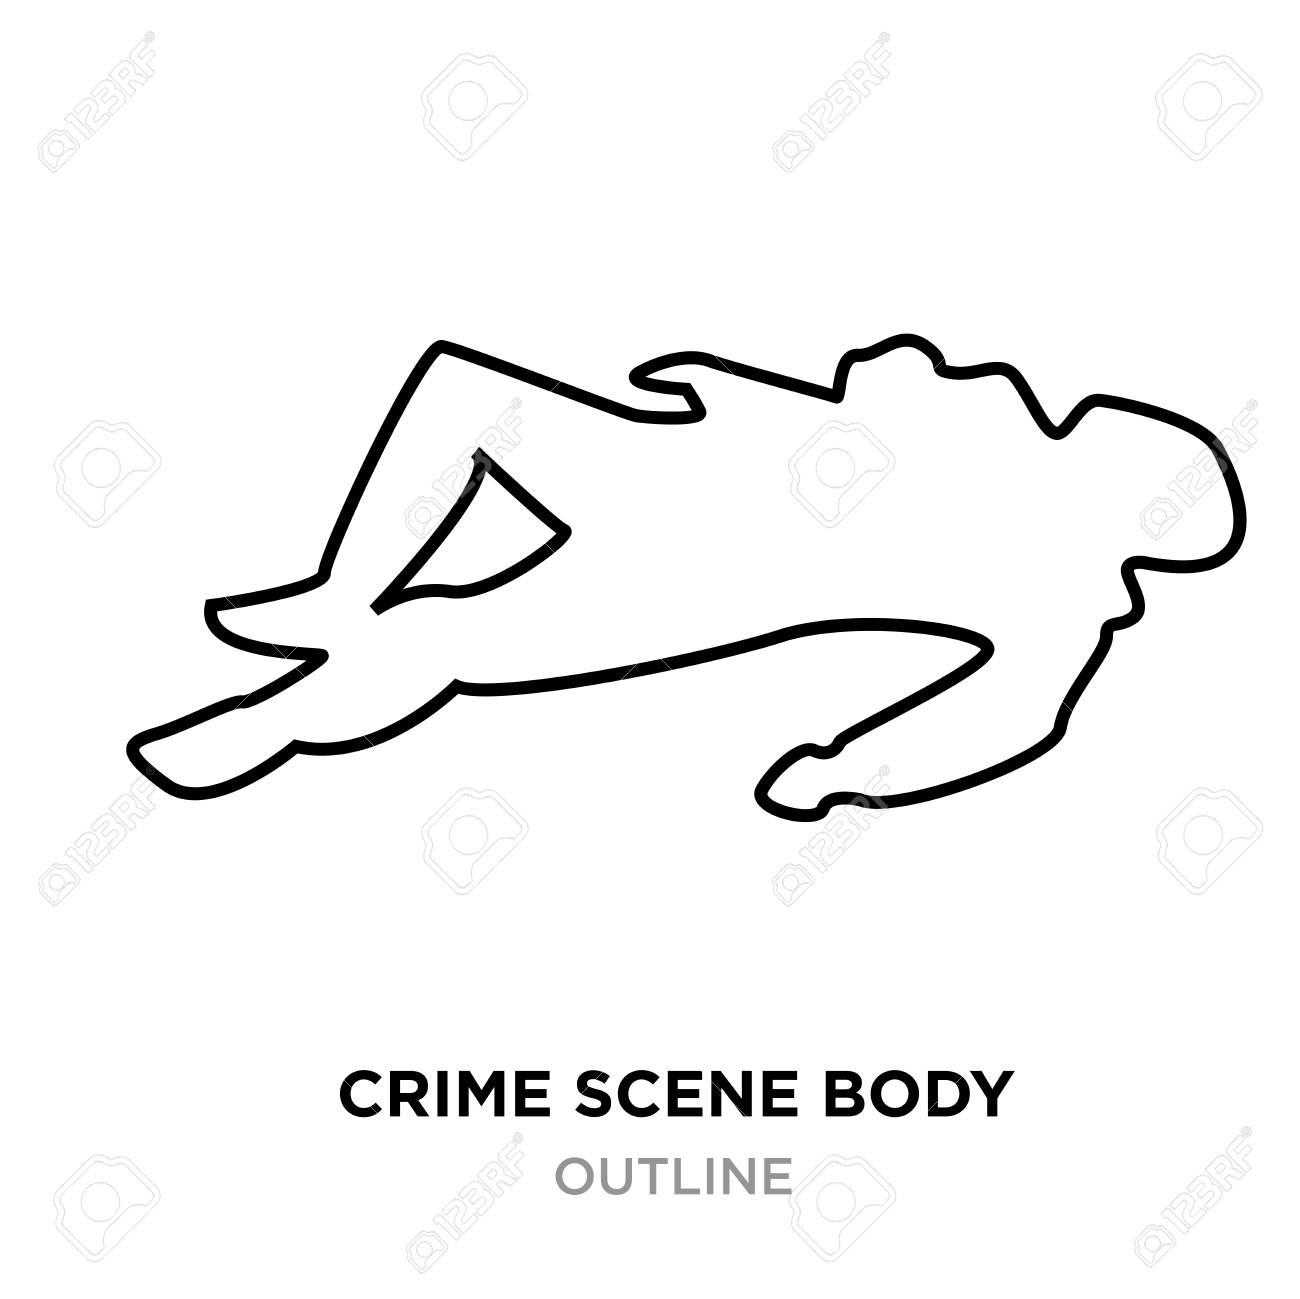 A crime scene body outline on white background, vector illustration.